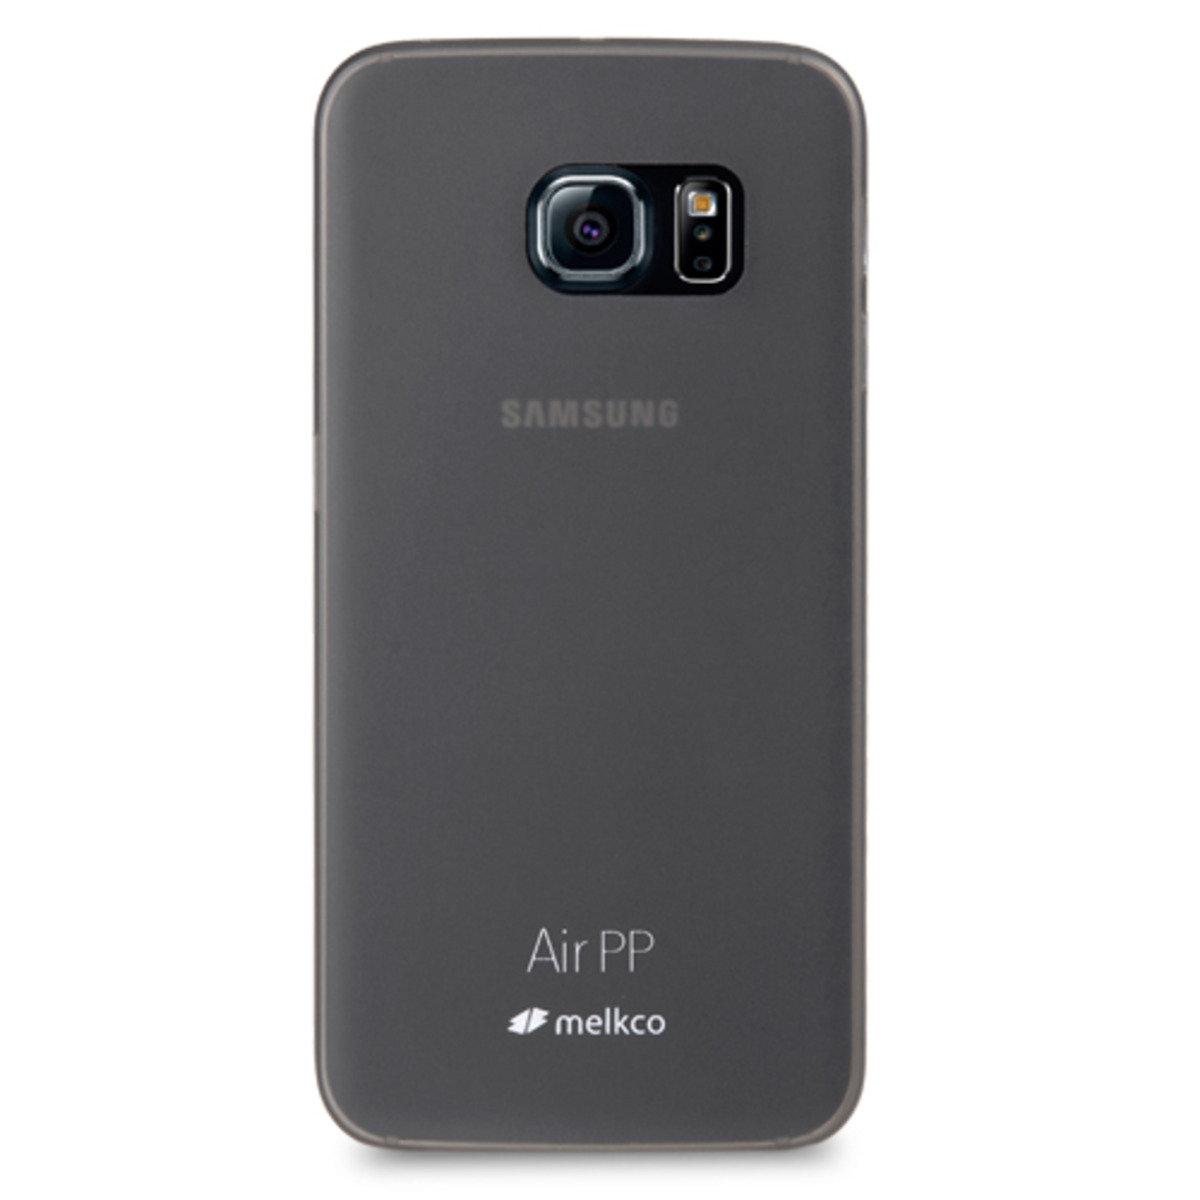 Galaxy S6 Edge Air PP 超薄防刮殼 - 黑色(附送屏幕保護貼)